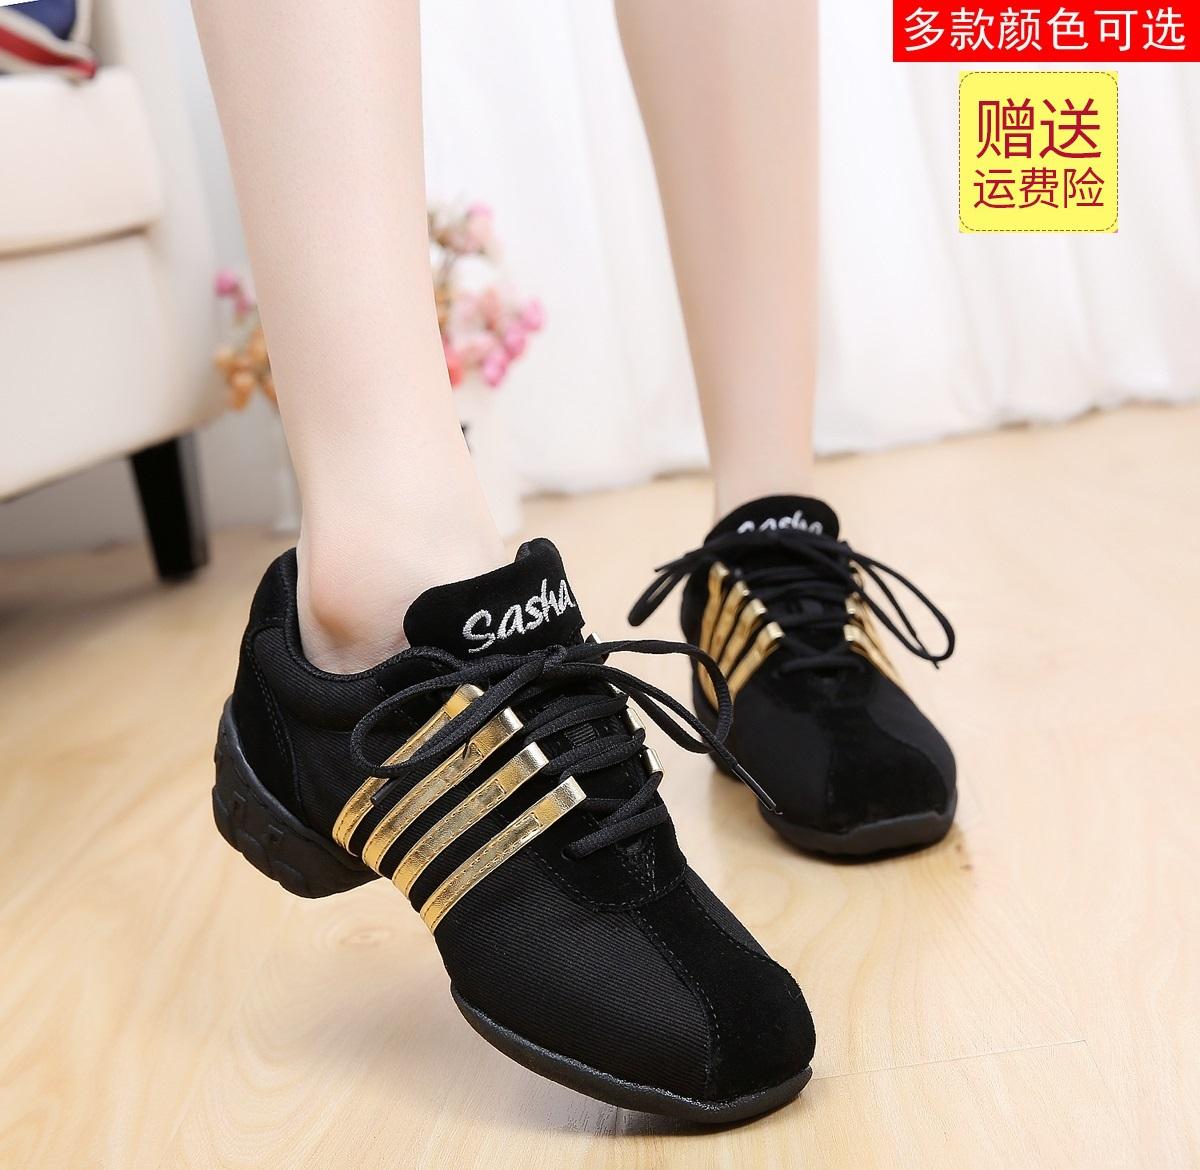 三莎正品网面舞蹈鞋女士广场舞鞋爵士舞鞋软底现代跳舞鞋新款健身